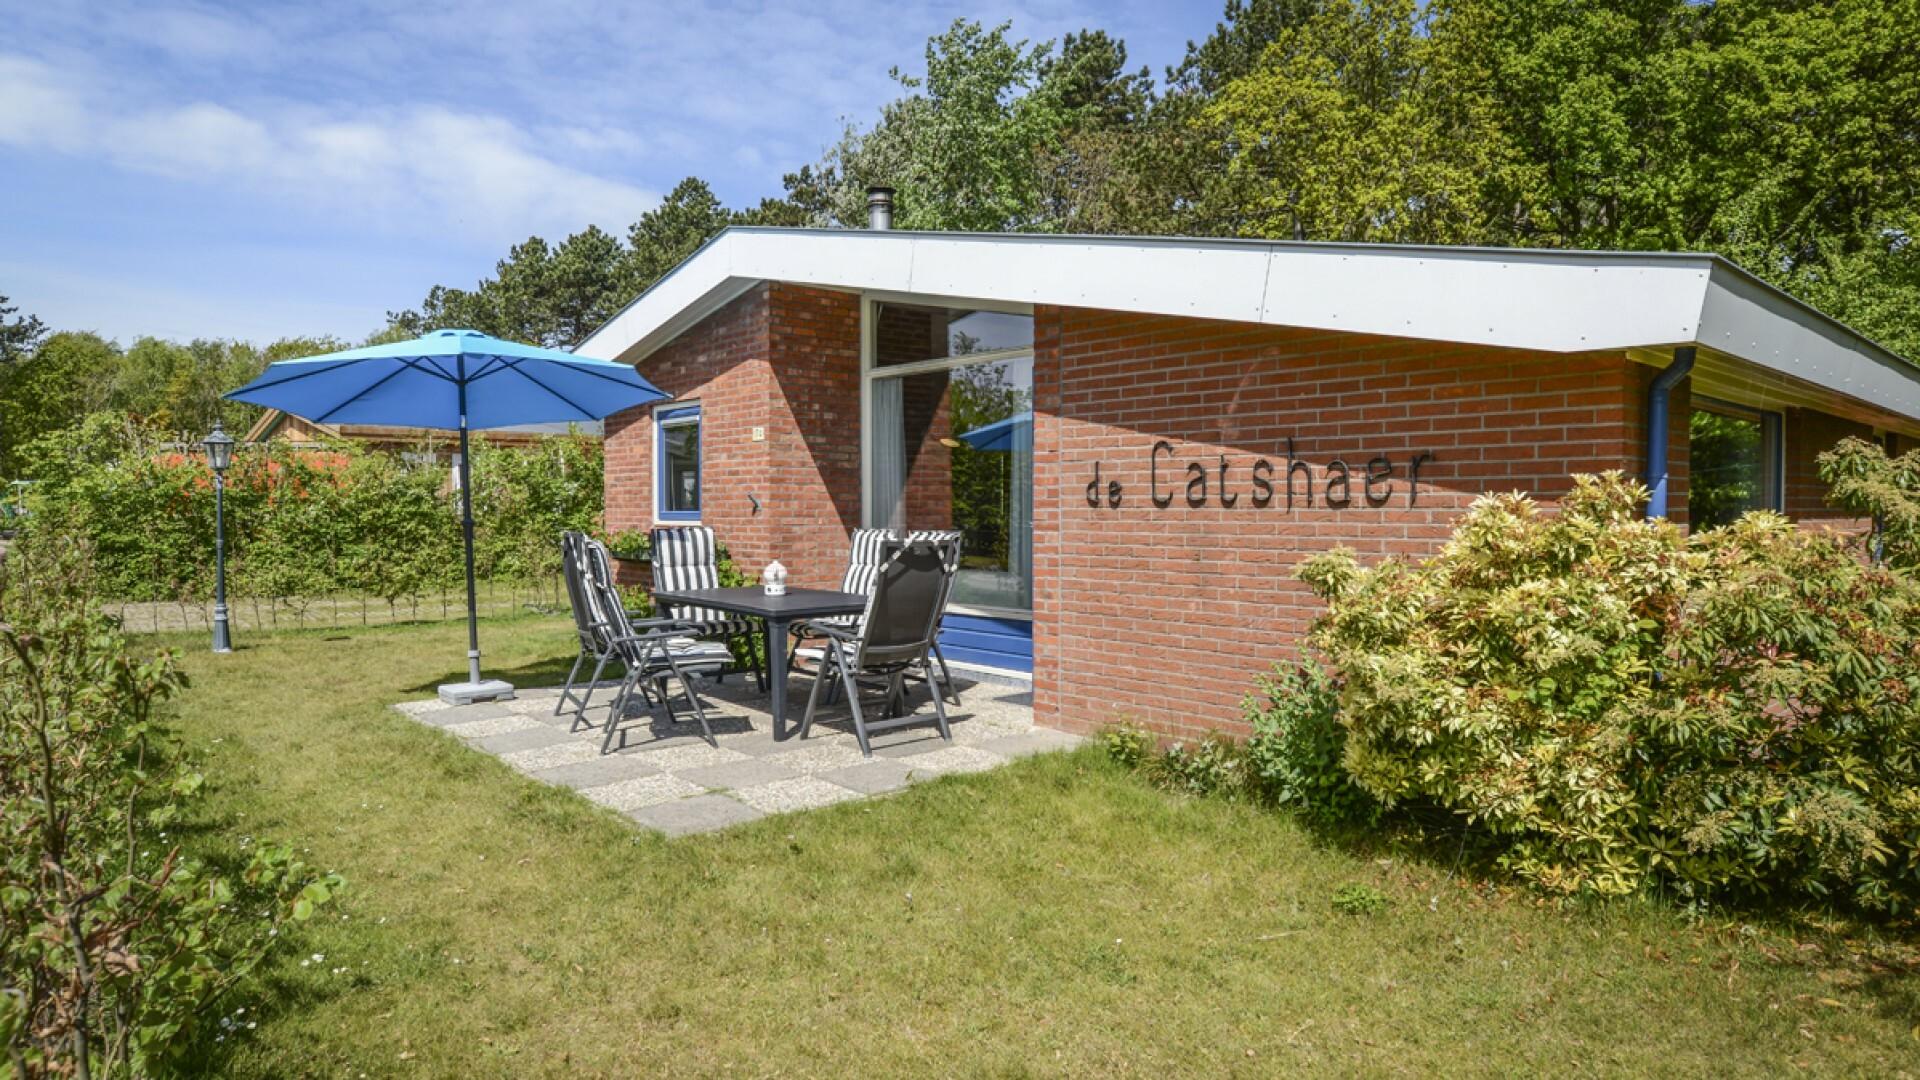 Vakantiehuis de Catshaer op t Hoogelandt VVV Texel